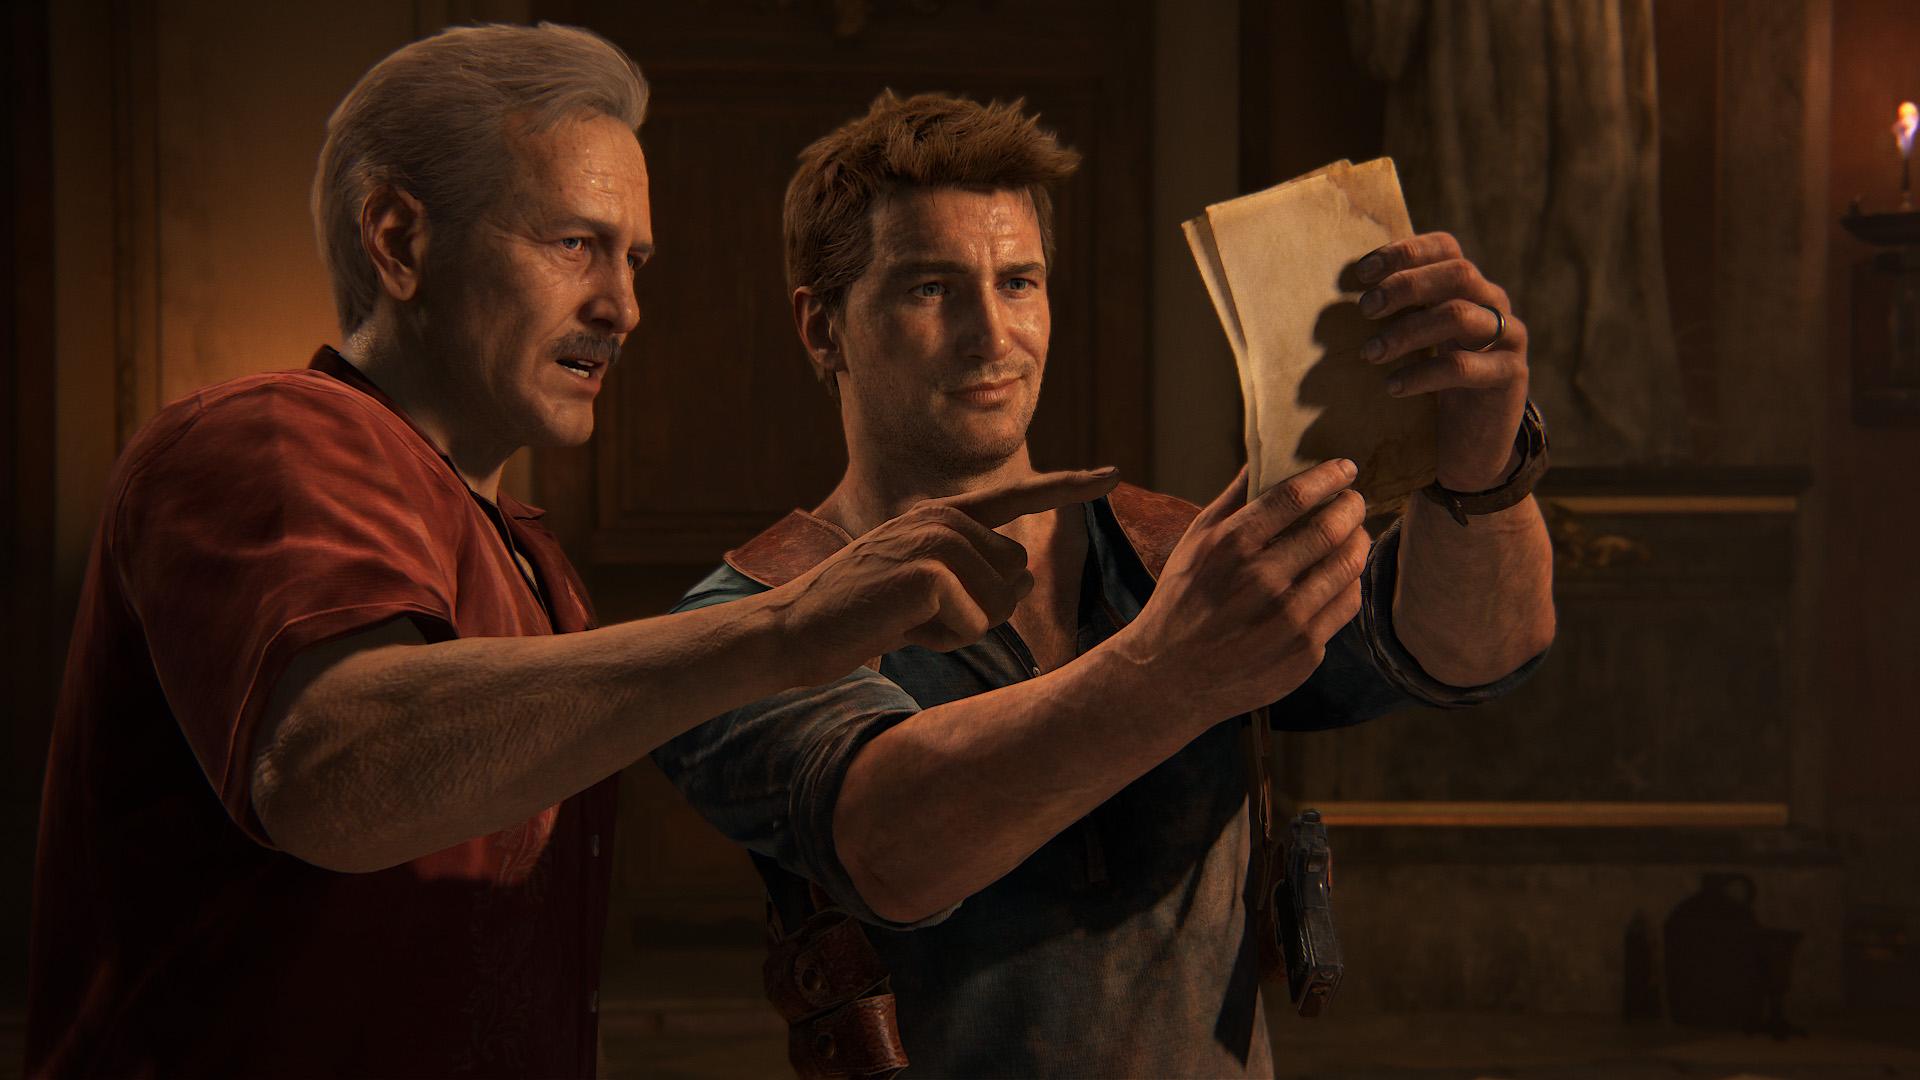 تاخیر در اکران فیلم Uncharted